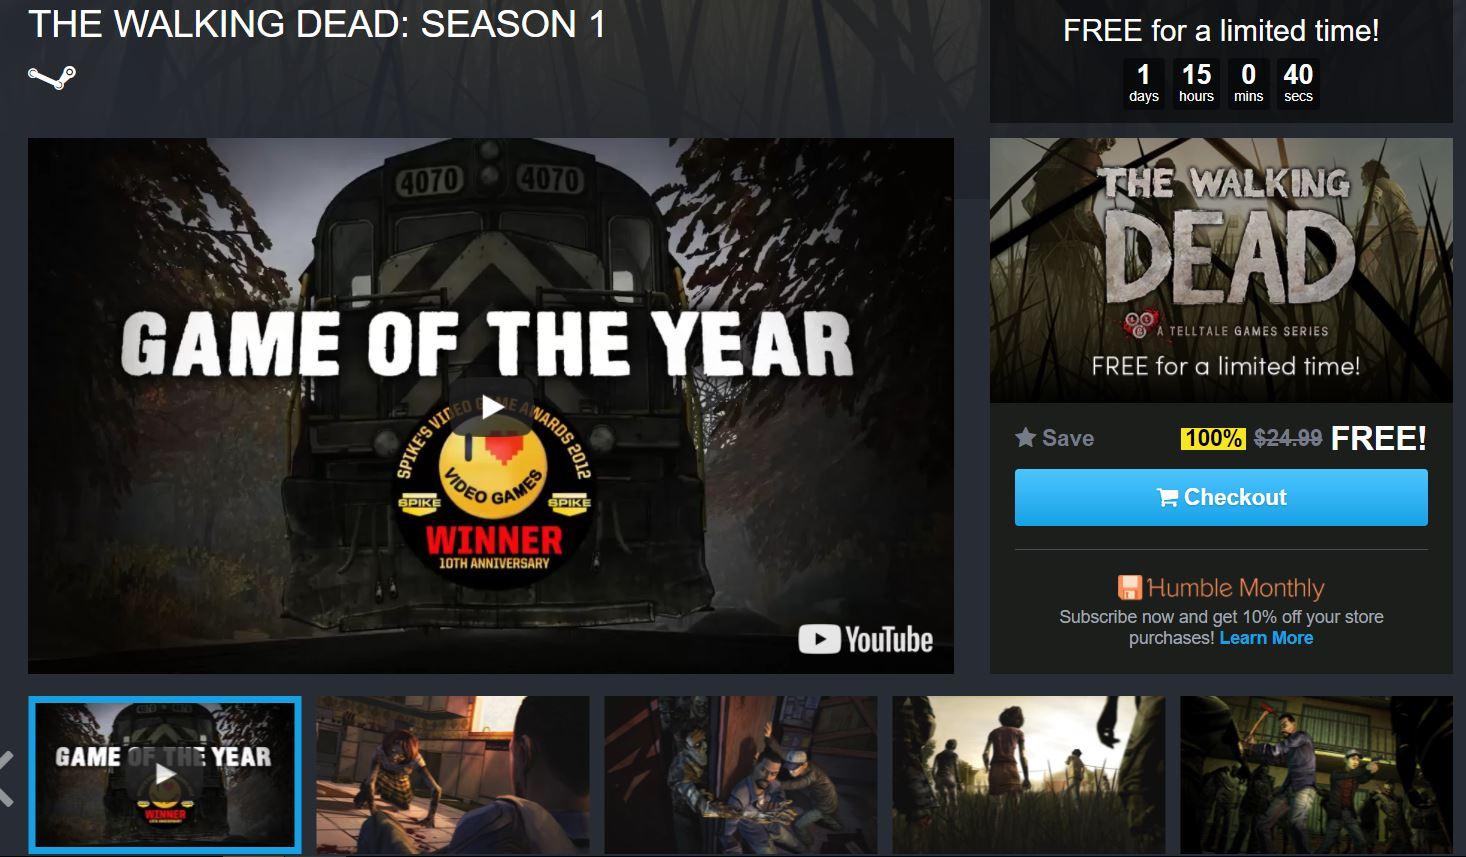 Sở hữu ngay series game đình đám The Walking Dead: Season 1 miễn phí